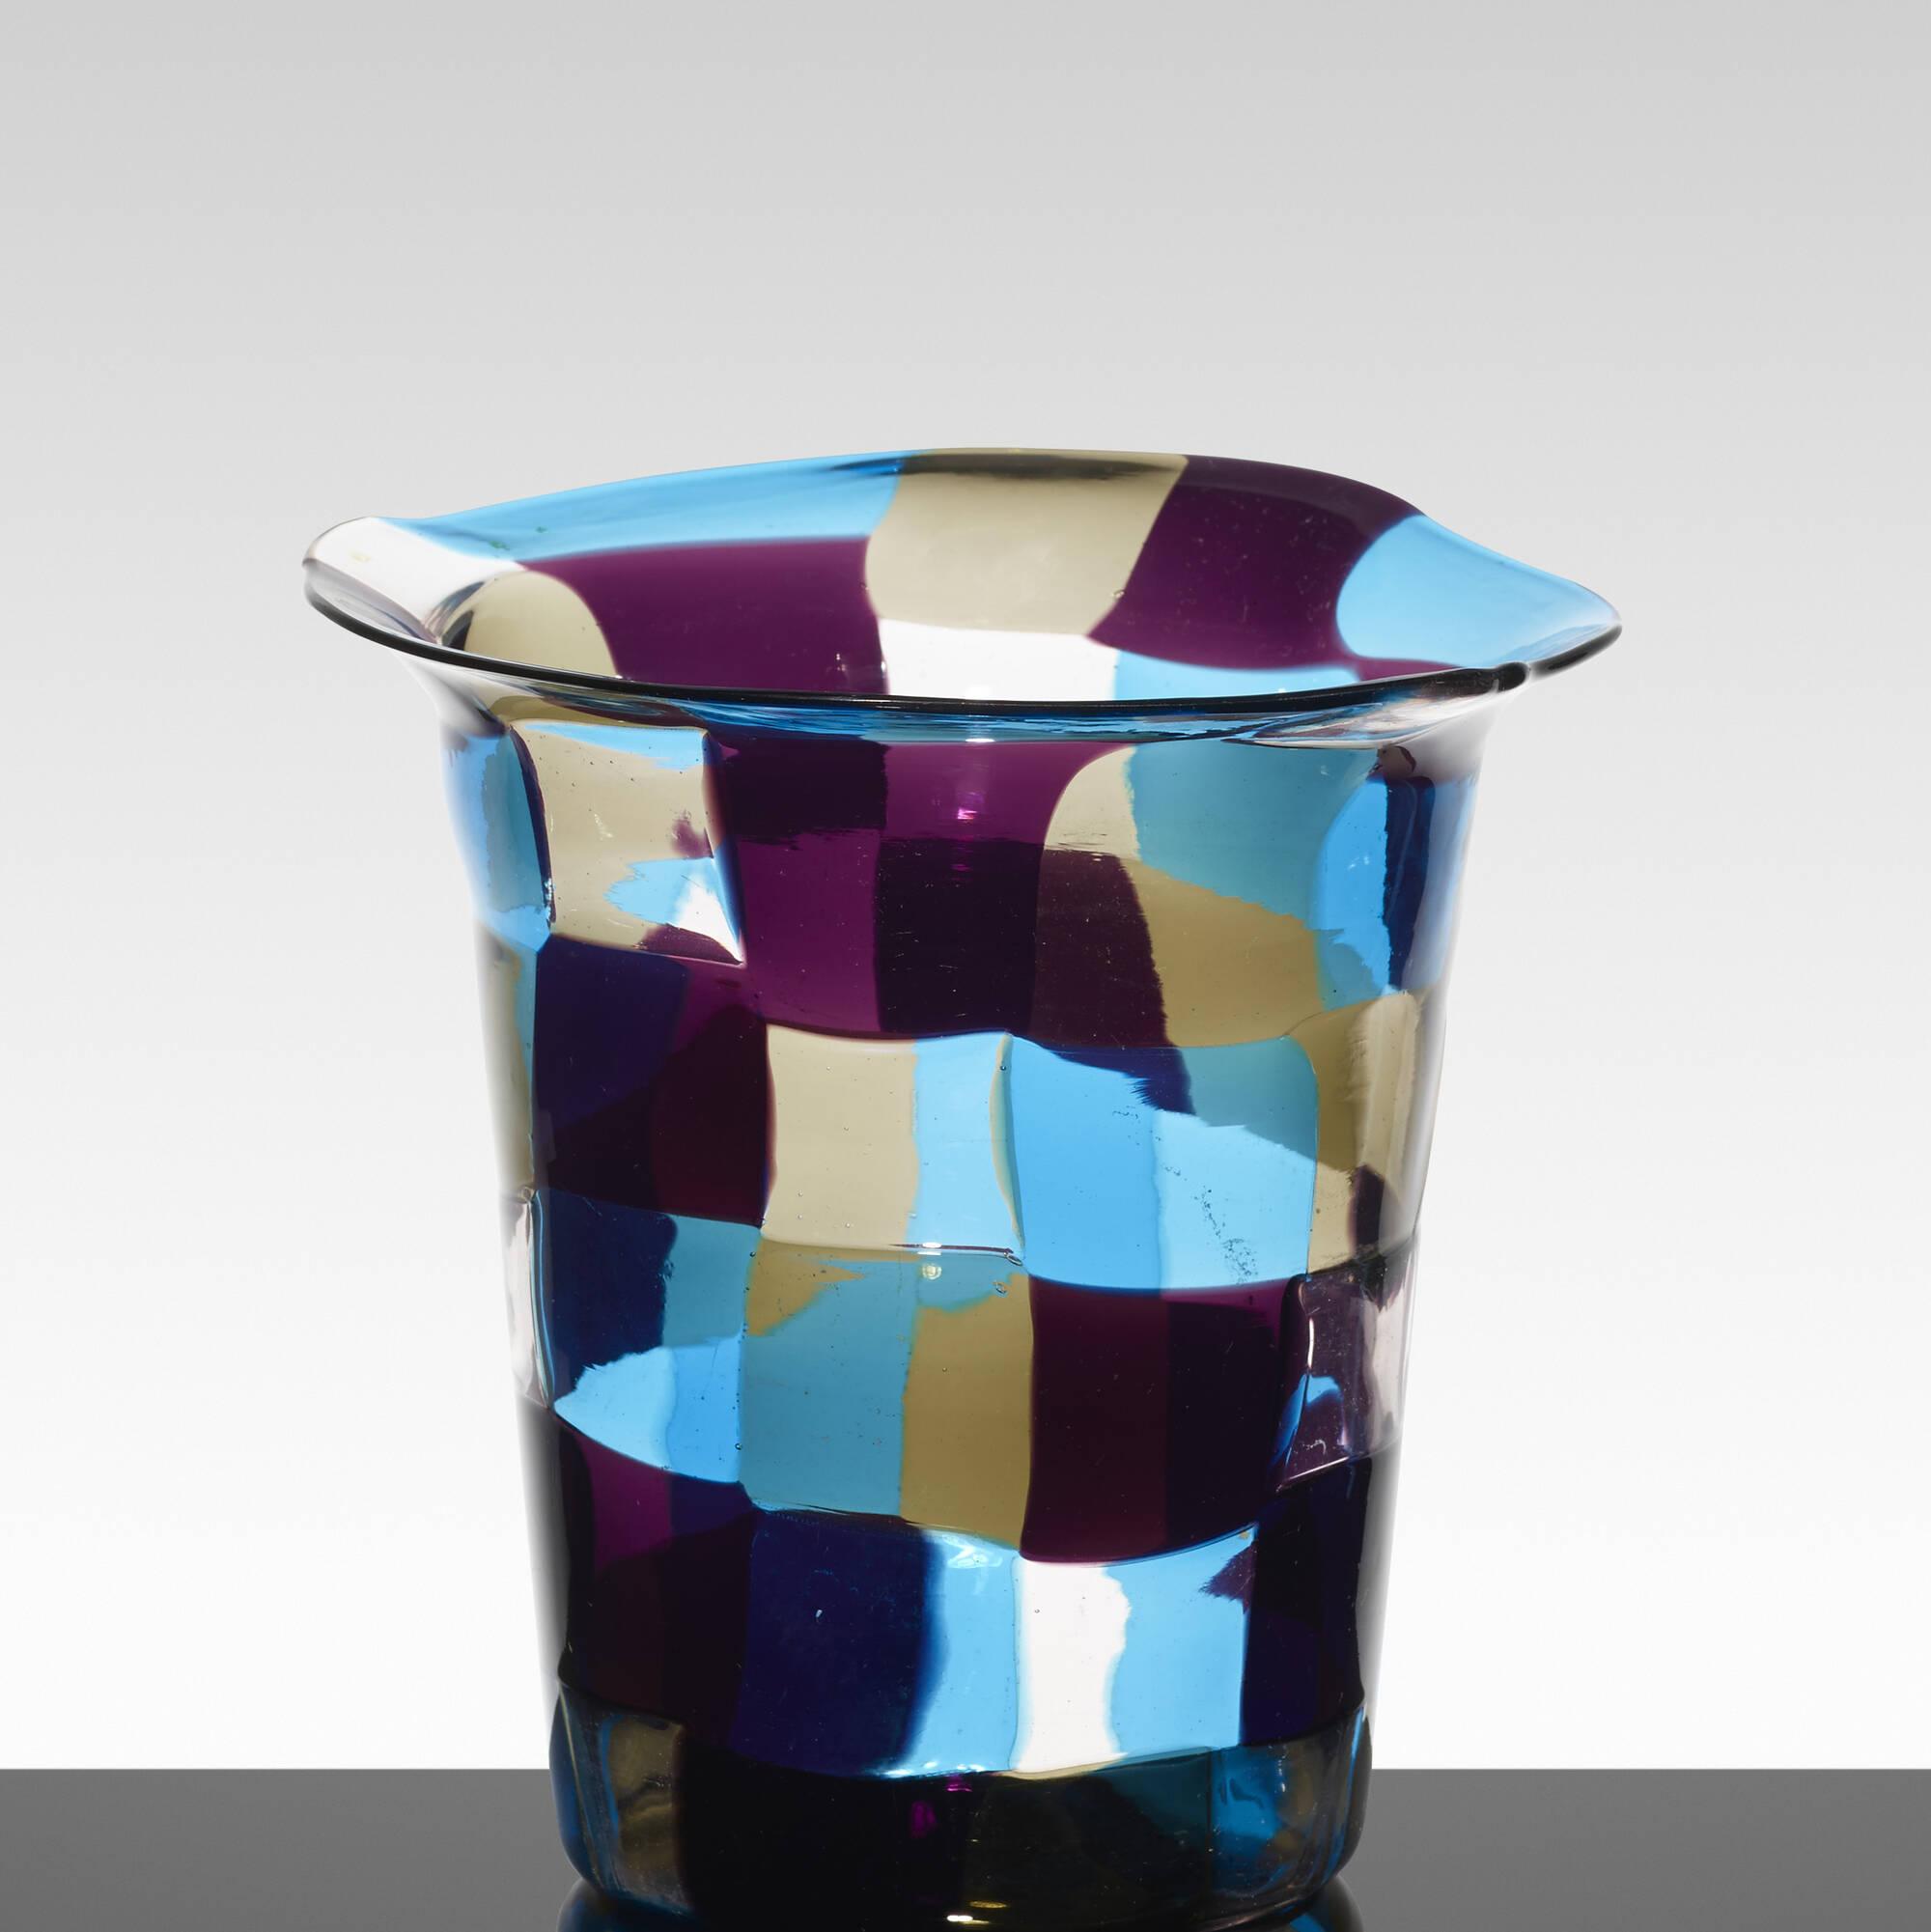 137: Fulvio Bianconi / rare Cappello del Mago vase (3 of 3)